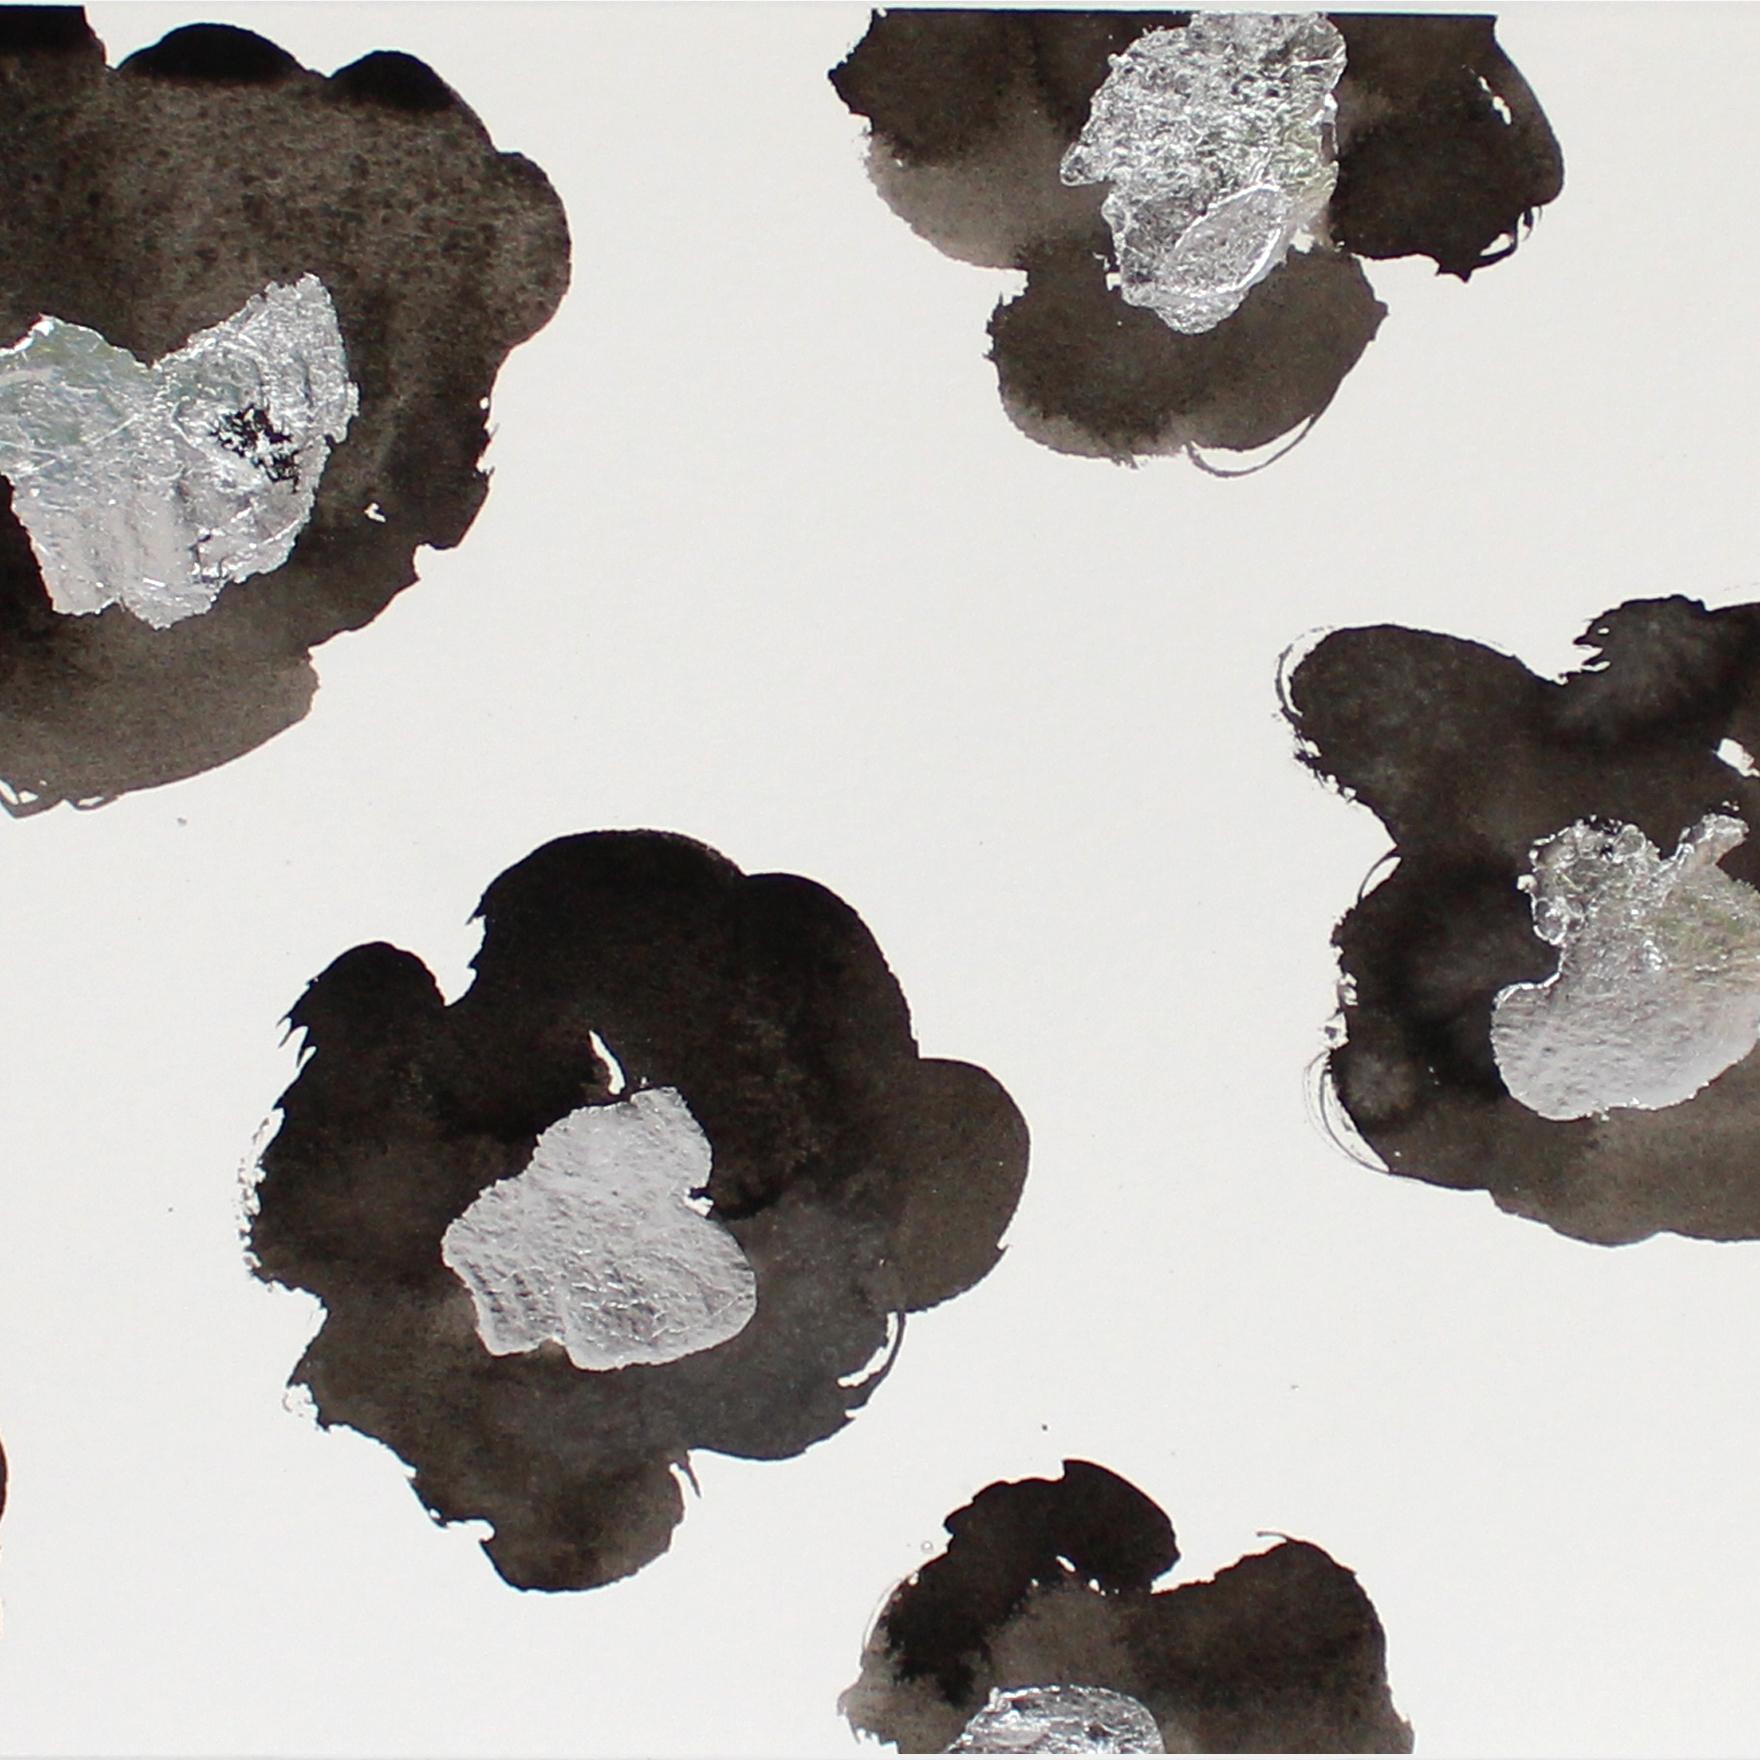 Watercolor Floral_black with silverleaf_detail.jpg